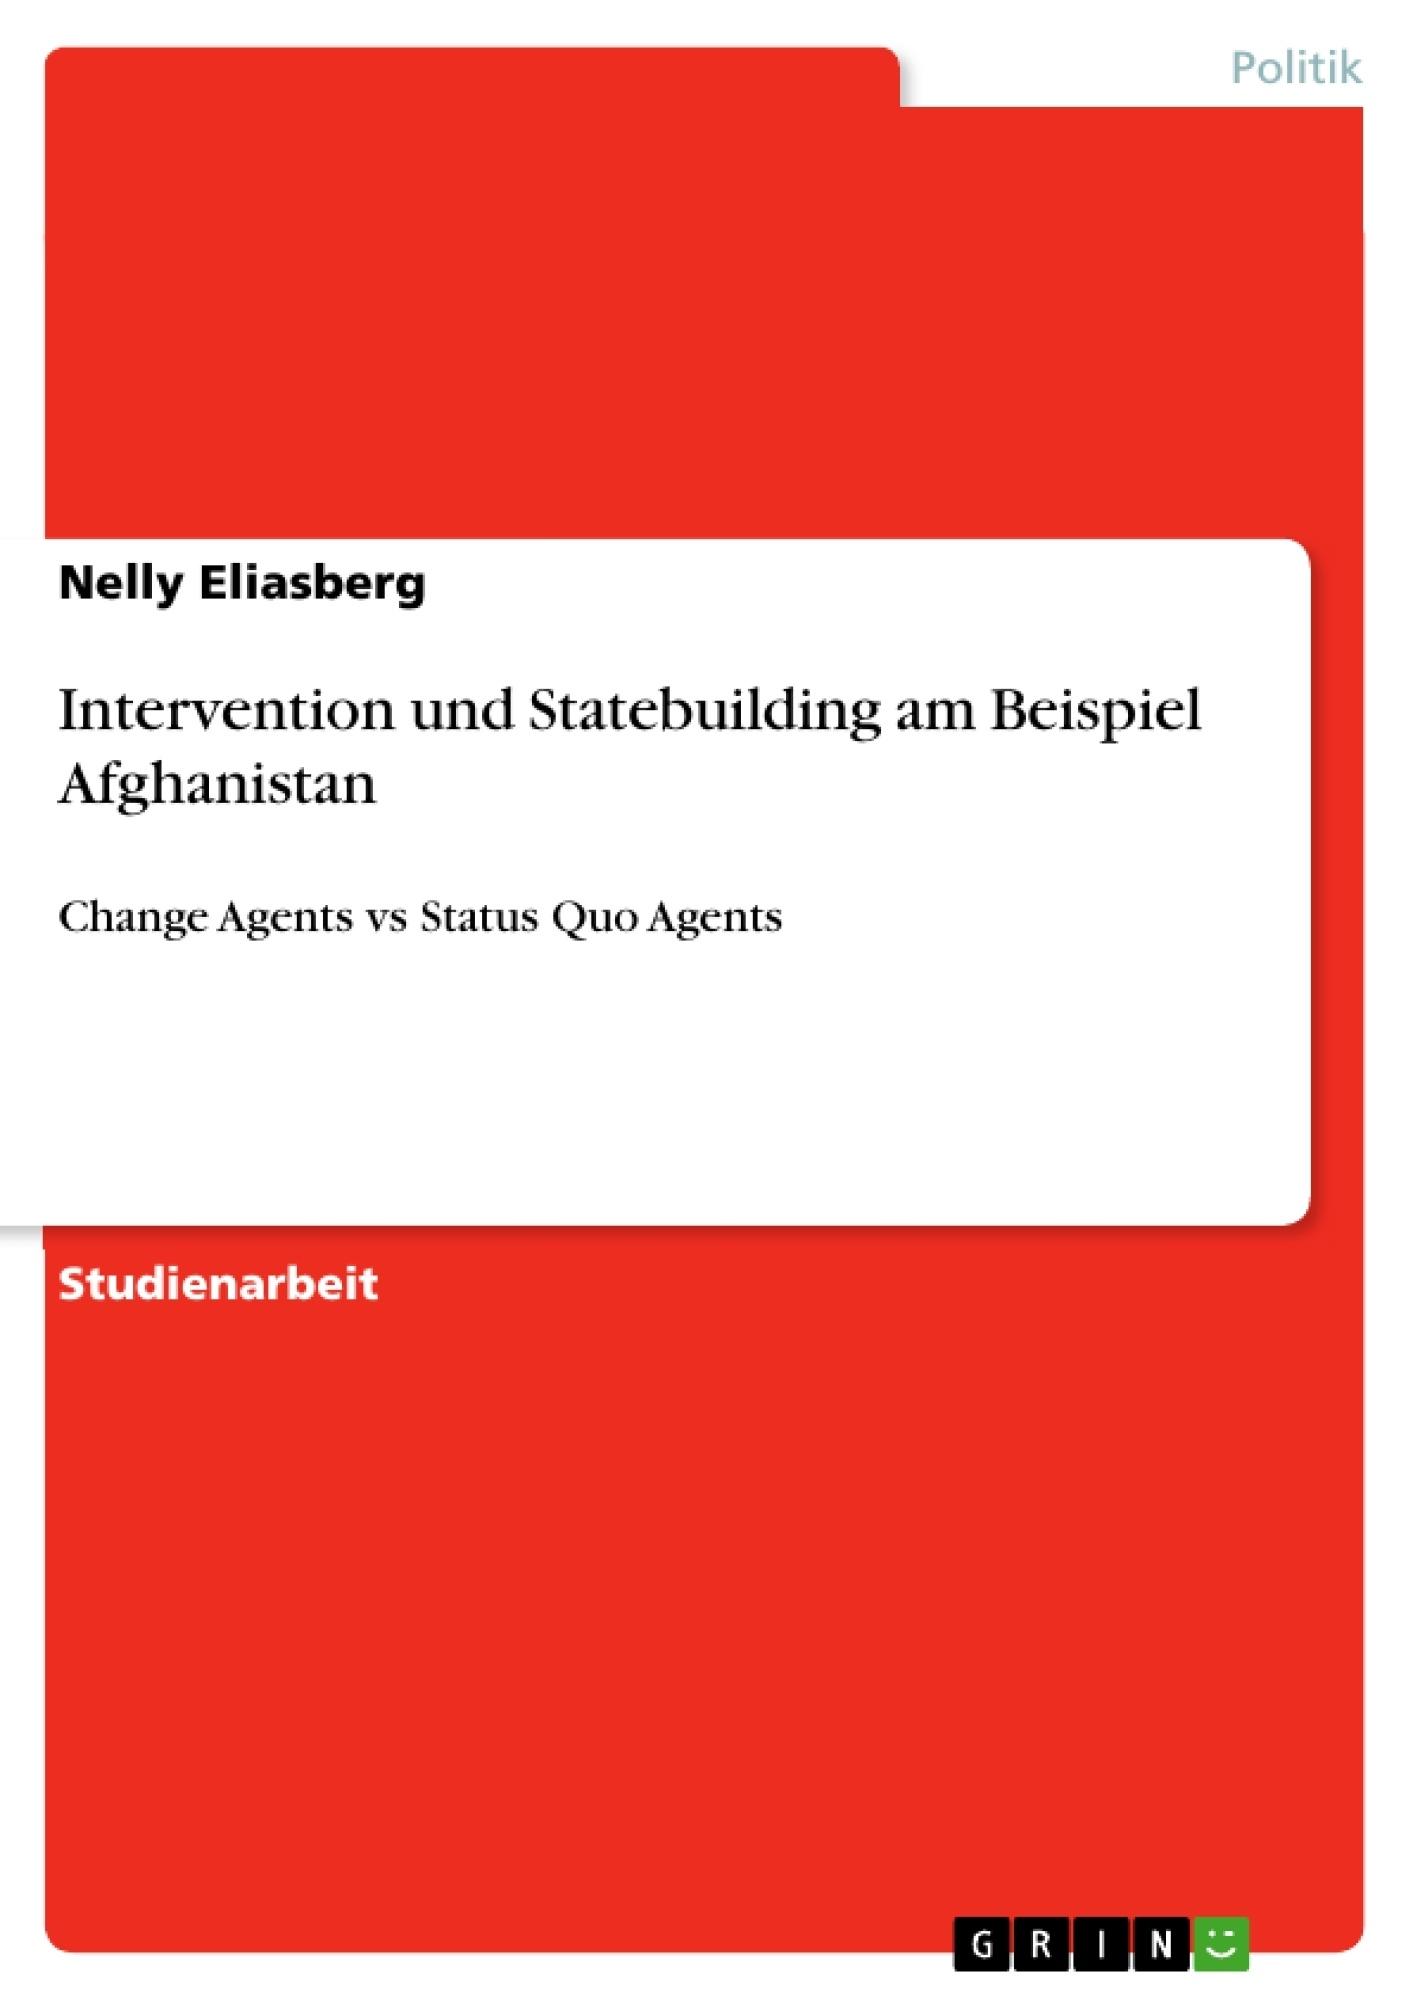 Titel: Intervention und Statebuilding am Beispiel Afghanistan